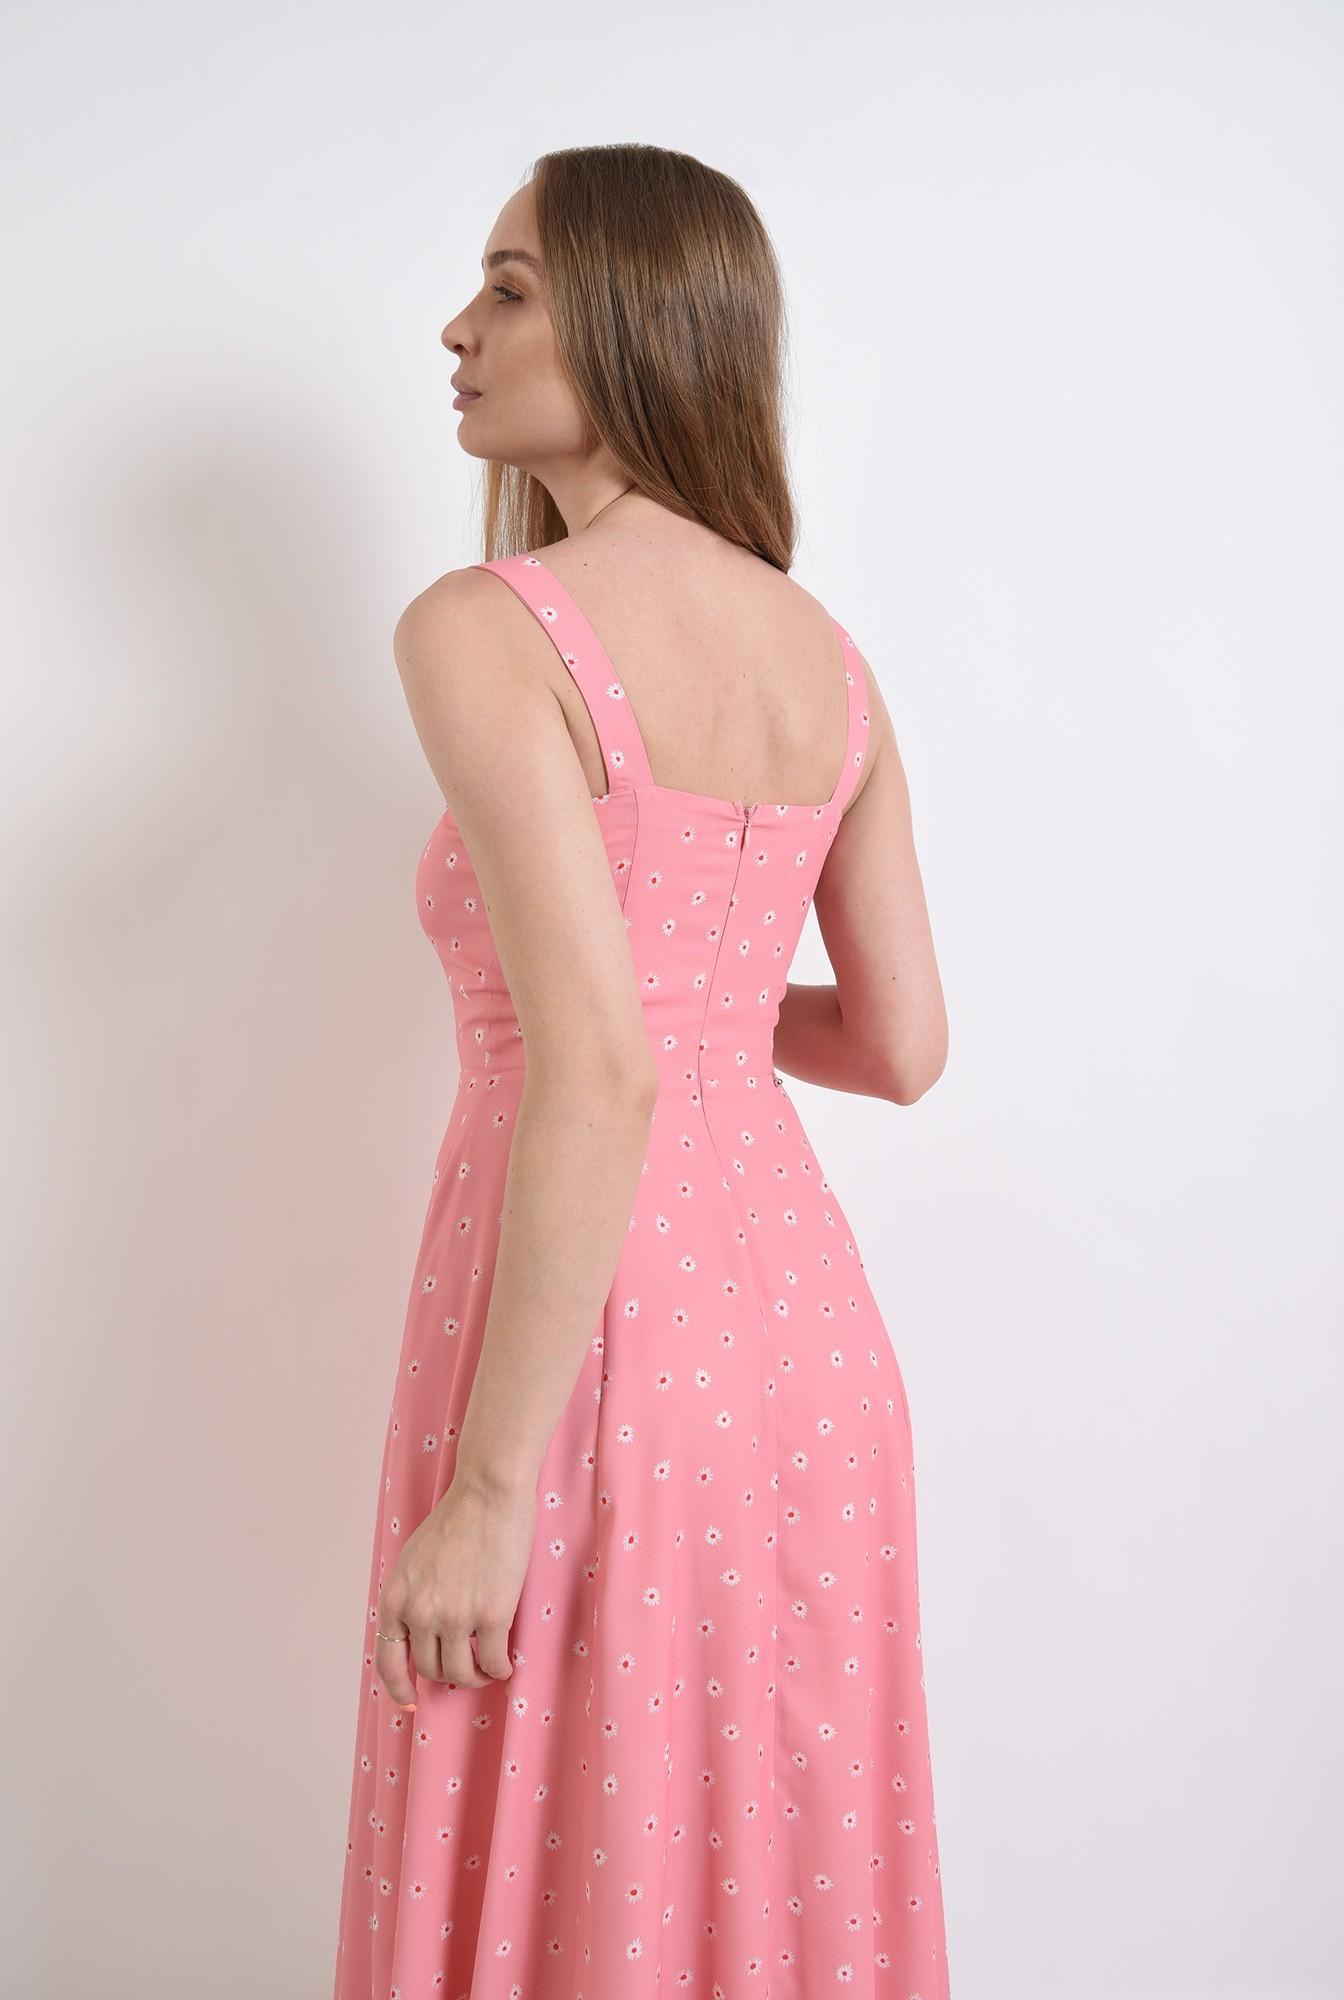 2 - rochie roz, cu print floral, cu nasturi perla